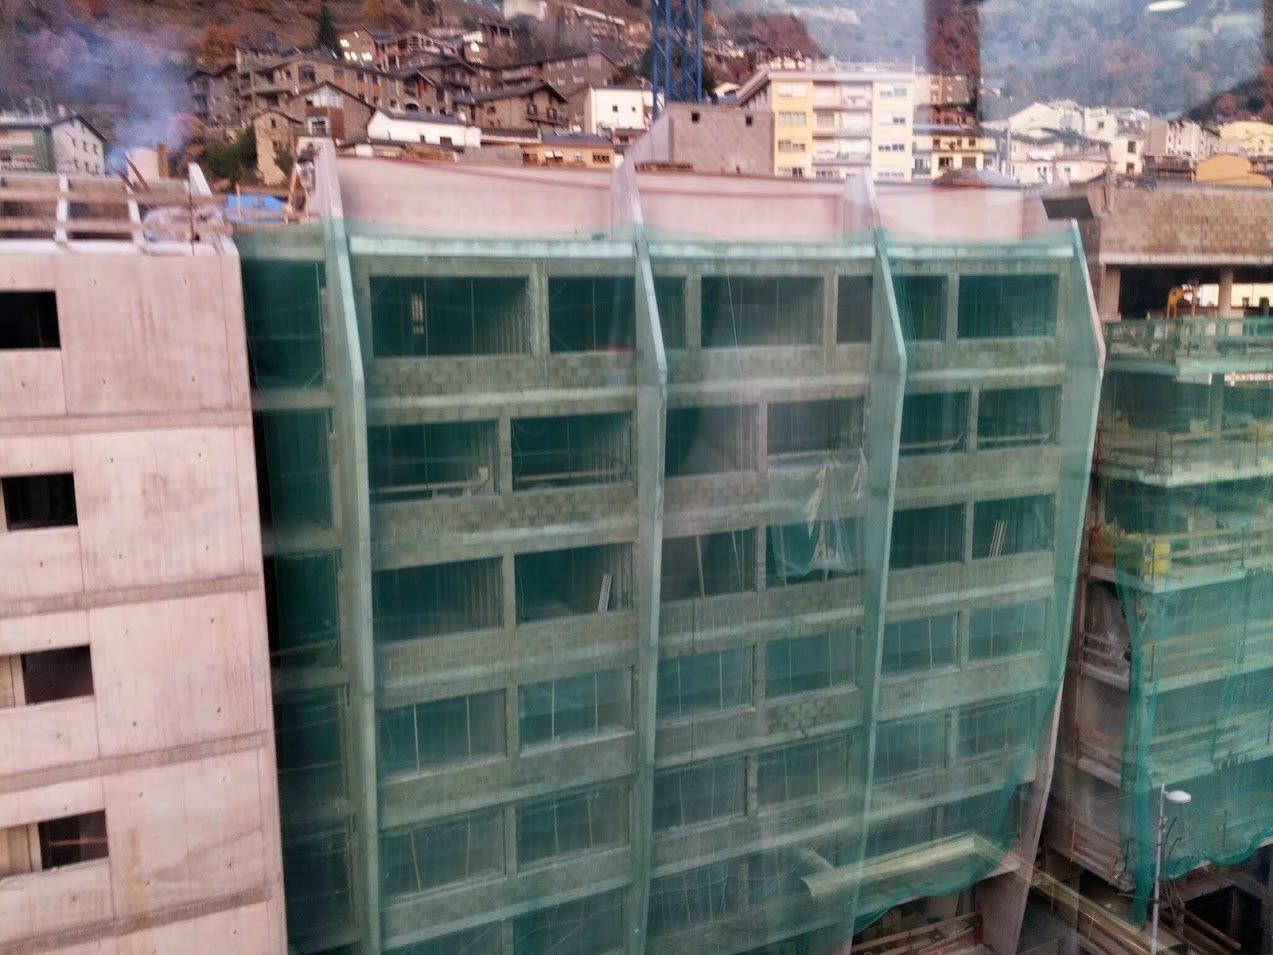 Què és el formigó? El formigó és un dels materials més importants en la construcció d'edificis, ponts, preses i altres grans estructures. Es tracta d'una mescla de ciment, sorra, aigua i grava, que mentre es prepara és un material pastós, però quan es deixa reposar i s'adorm, és a dir, s'asseca, s'endureix i es fa molt resistent. Per aquest motiu es fa servir per a construir l'estructura dels edificis. El formigó no és un invent modern: els romans ja feien servir aquest material i, per exemple, van construir la cúpula del Panteó posant formigó sobre un gran motlle de fusta, obtenint així la cúpula d'una sola peça. El formigó armat és el formigó al qual s'han afegit unes vares llargues de ferro abans que s'endureixi. D'aquesta manera es guanya molta més resistència i se sol emprar per a fer pilars.